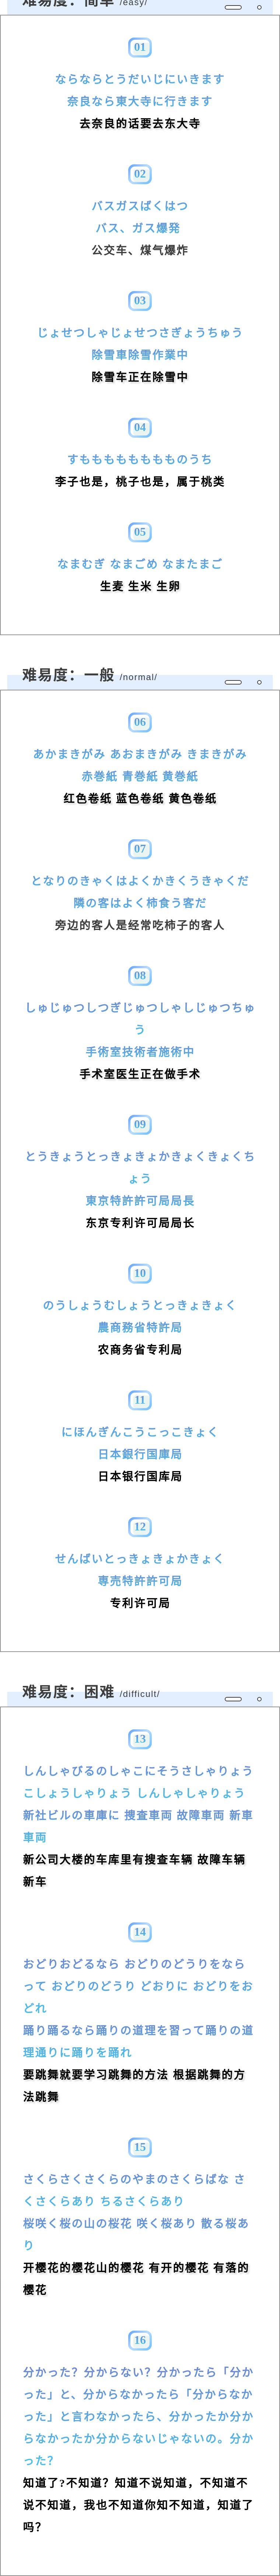 想要练好日语发音,快来挑战日语绕口令吧!